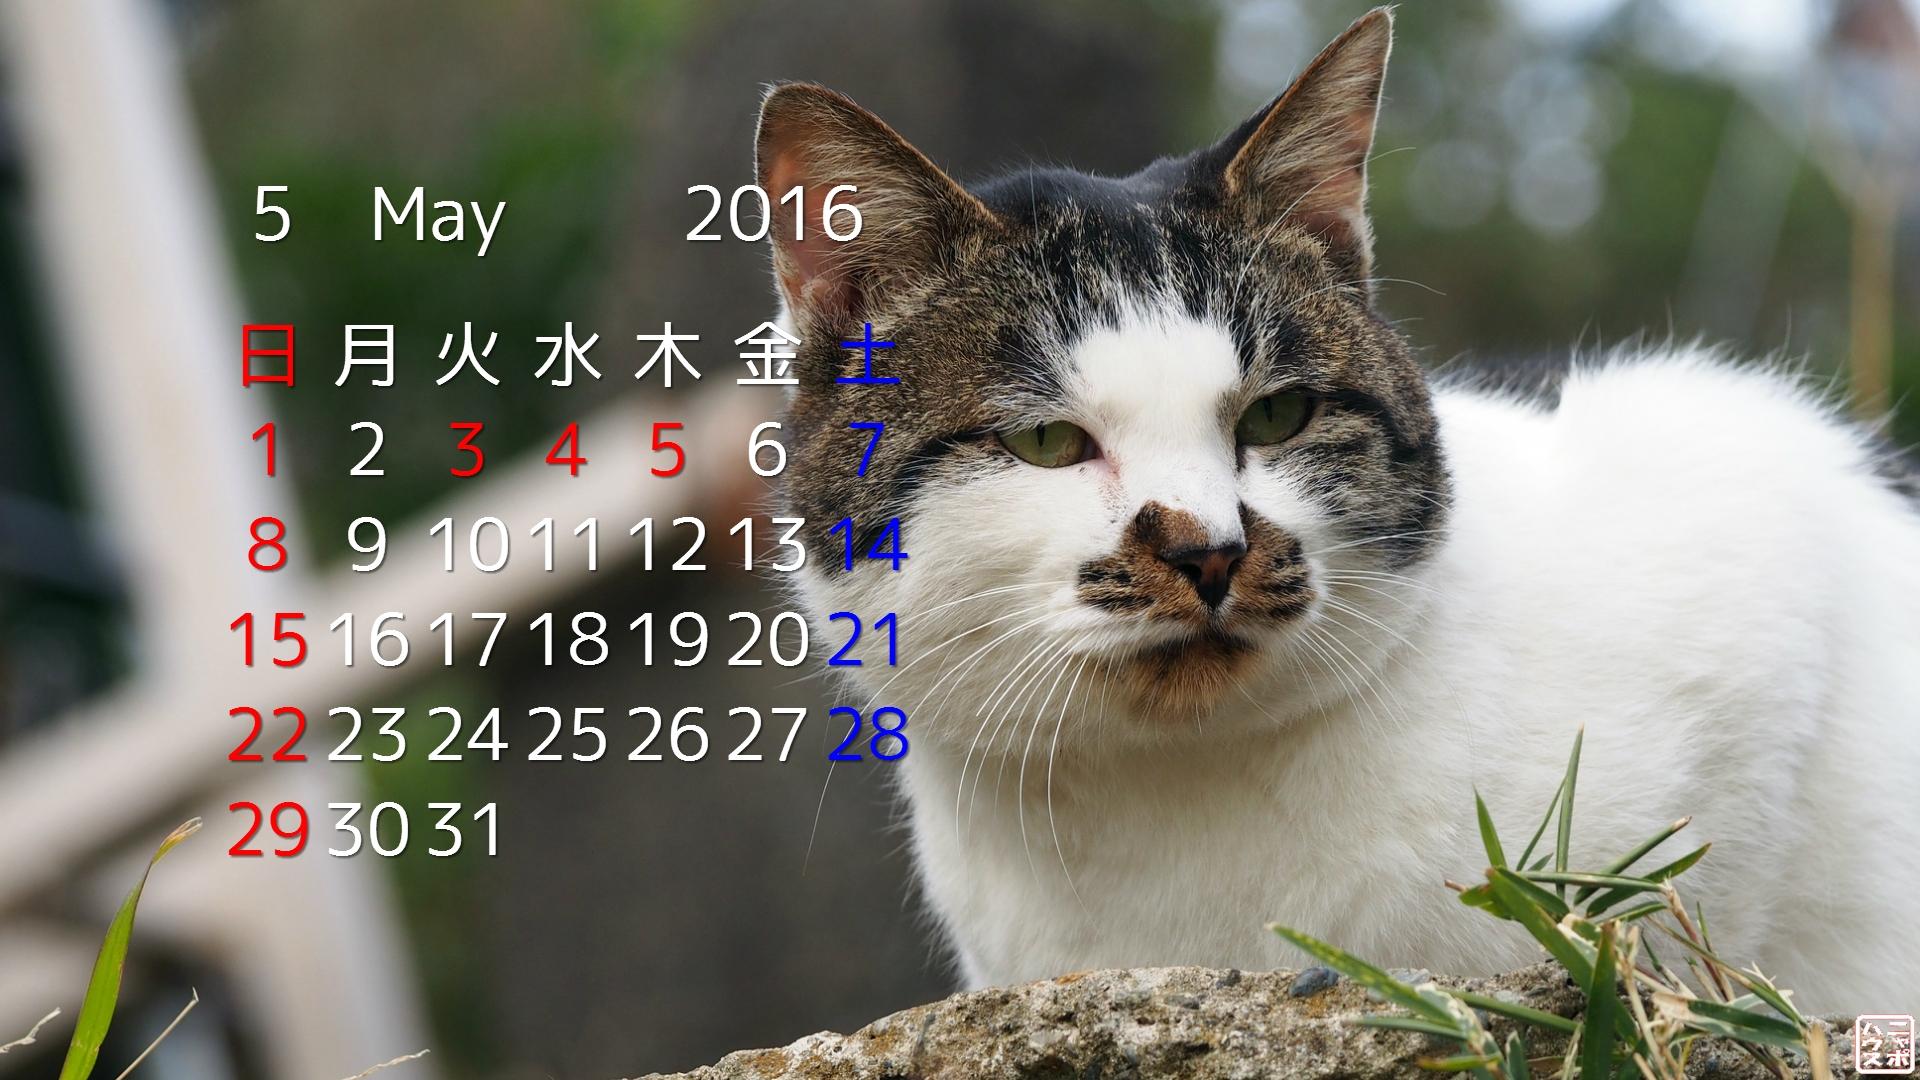 2016年 5月 猫デスクトップカレンダー